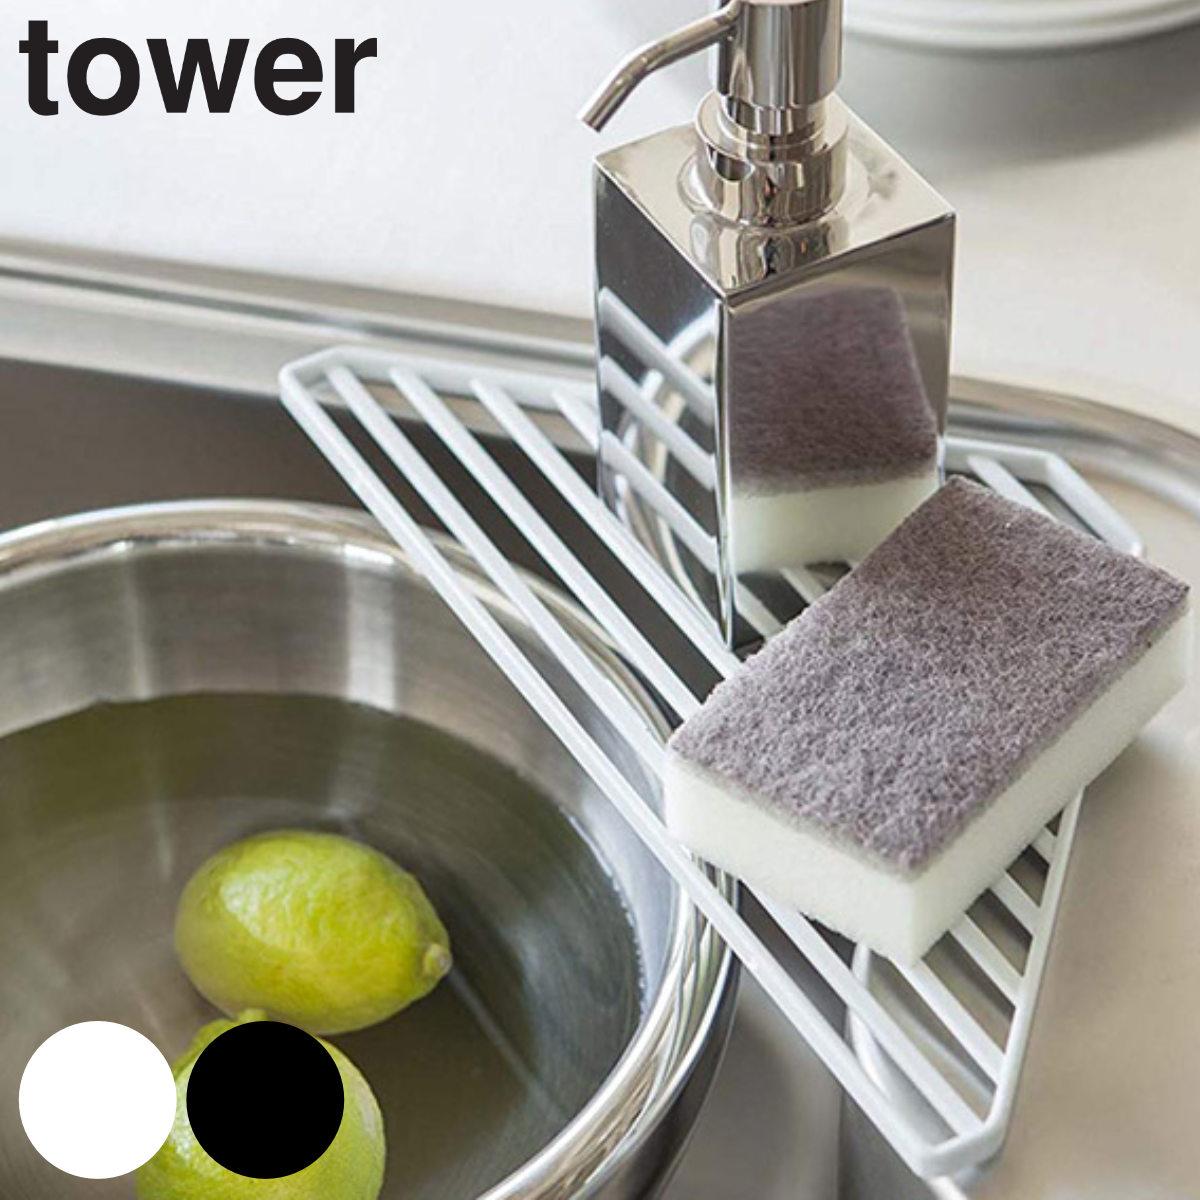 kitchen corner sinks blinds for livingut 角架水槽角塔塔三角角落架子 厨房厨房用具菜地漏机架认为缺乏 厨房厨房用具菜地漏机